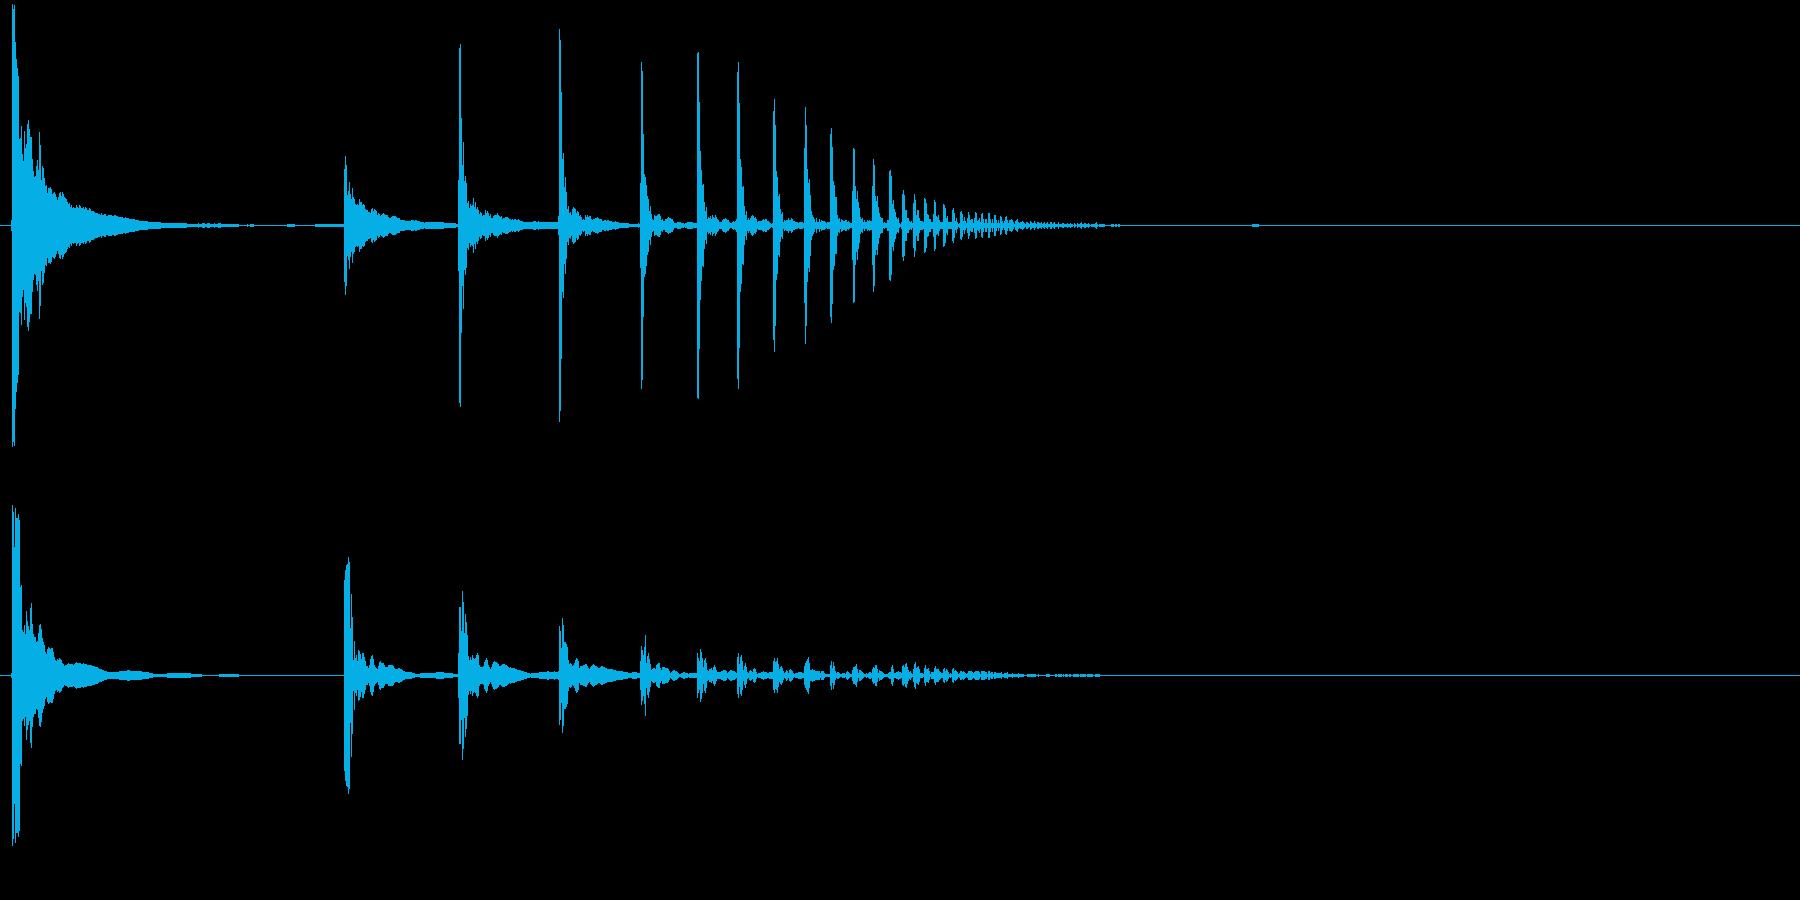 小物体の落下音の再生済みの波形